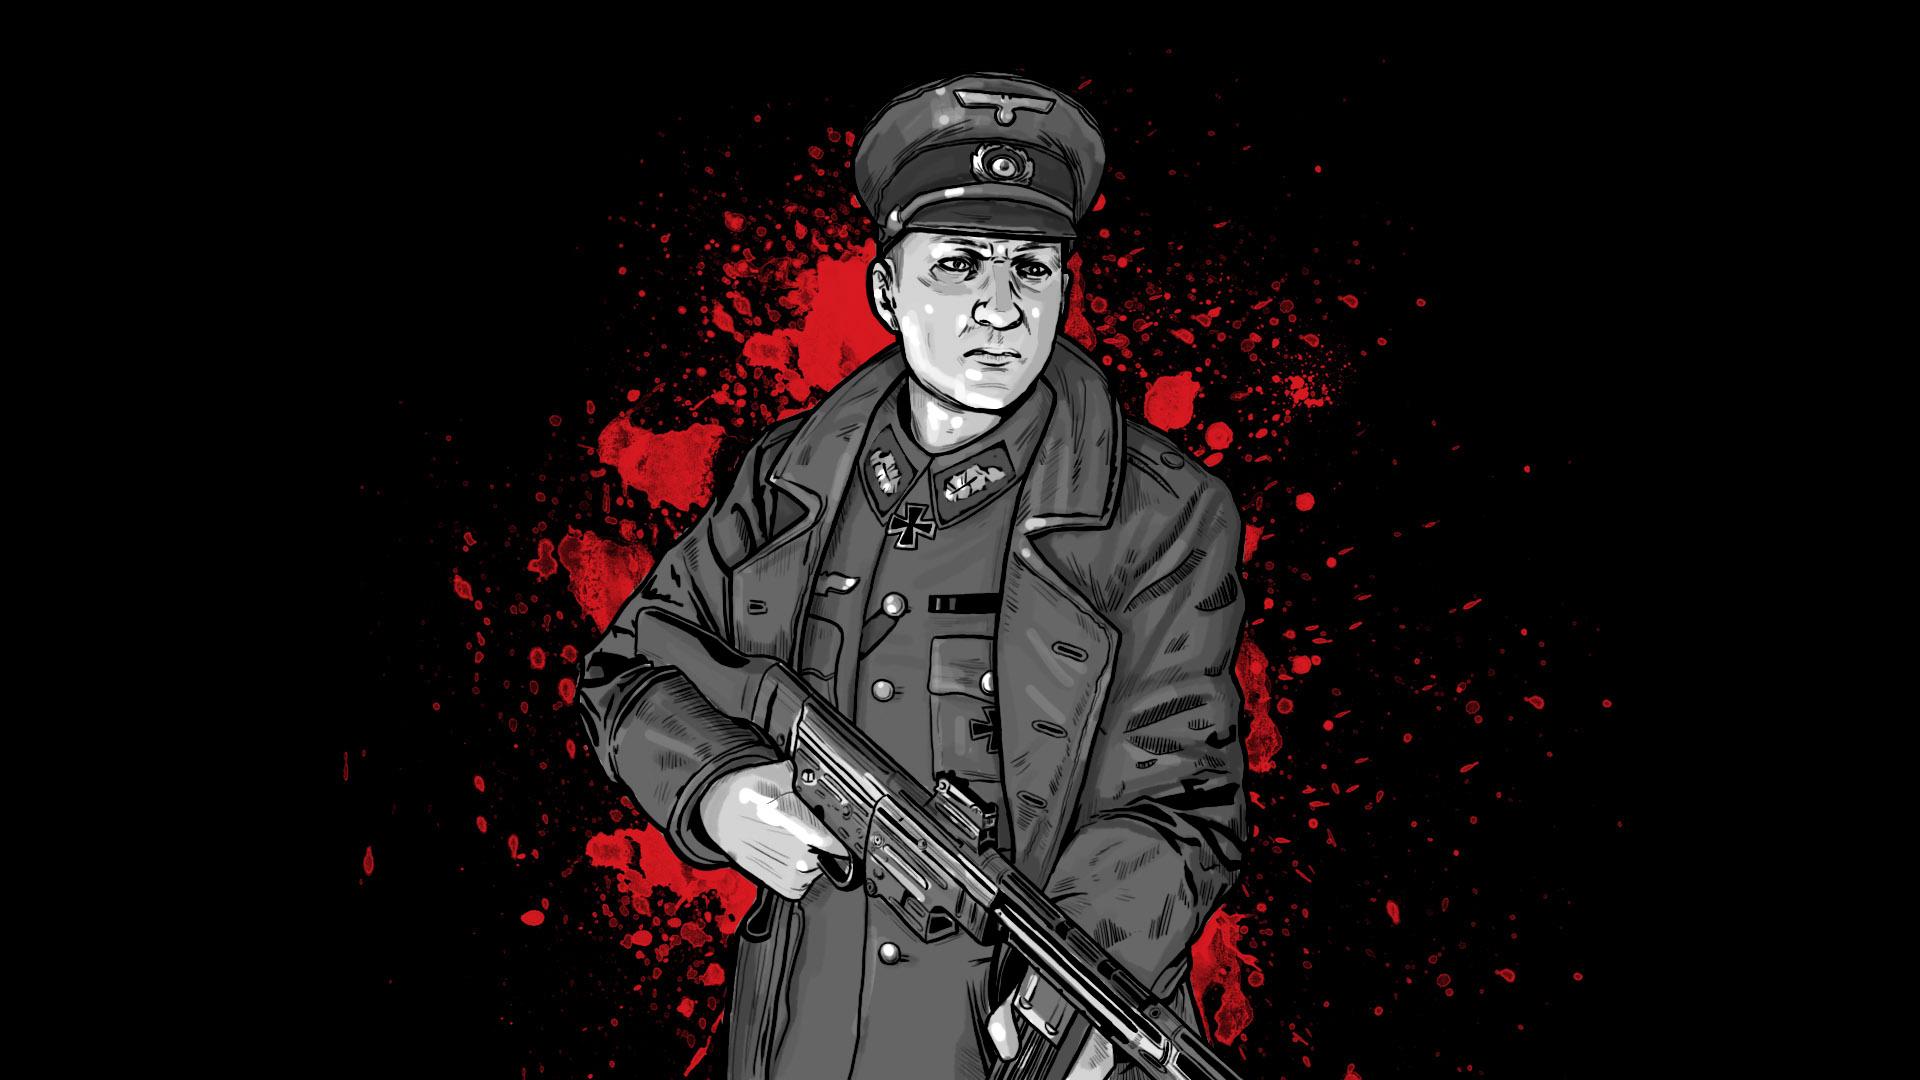 Steam card exchange showcase sniper elite nazi zombie army card 4 of 8artwork herman wolff voltagebd Images